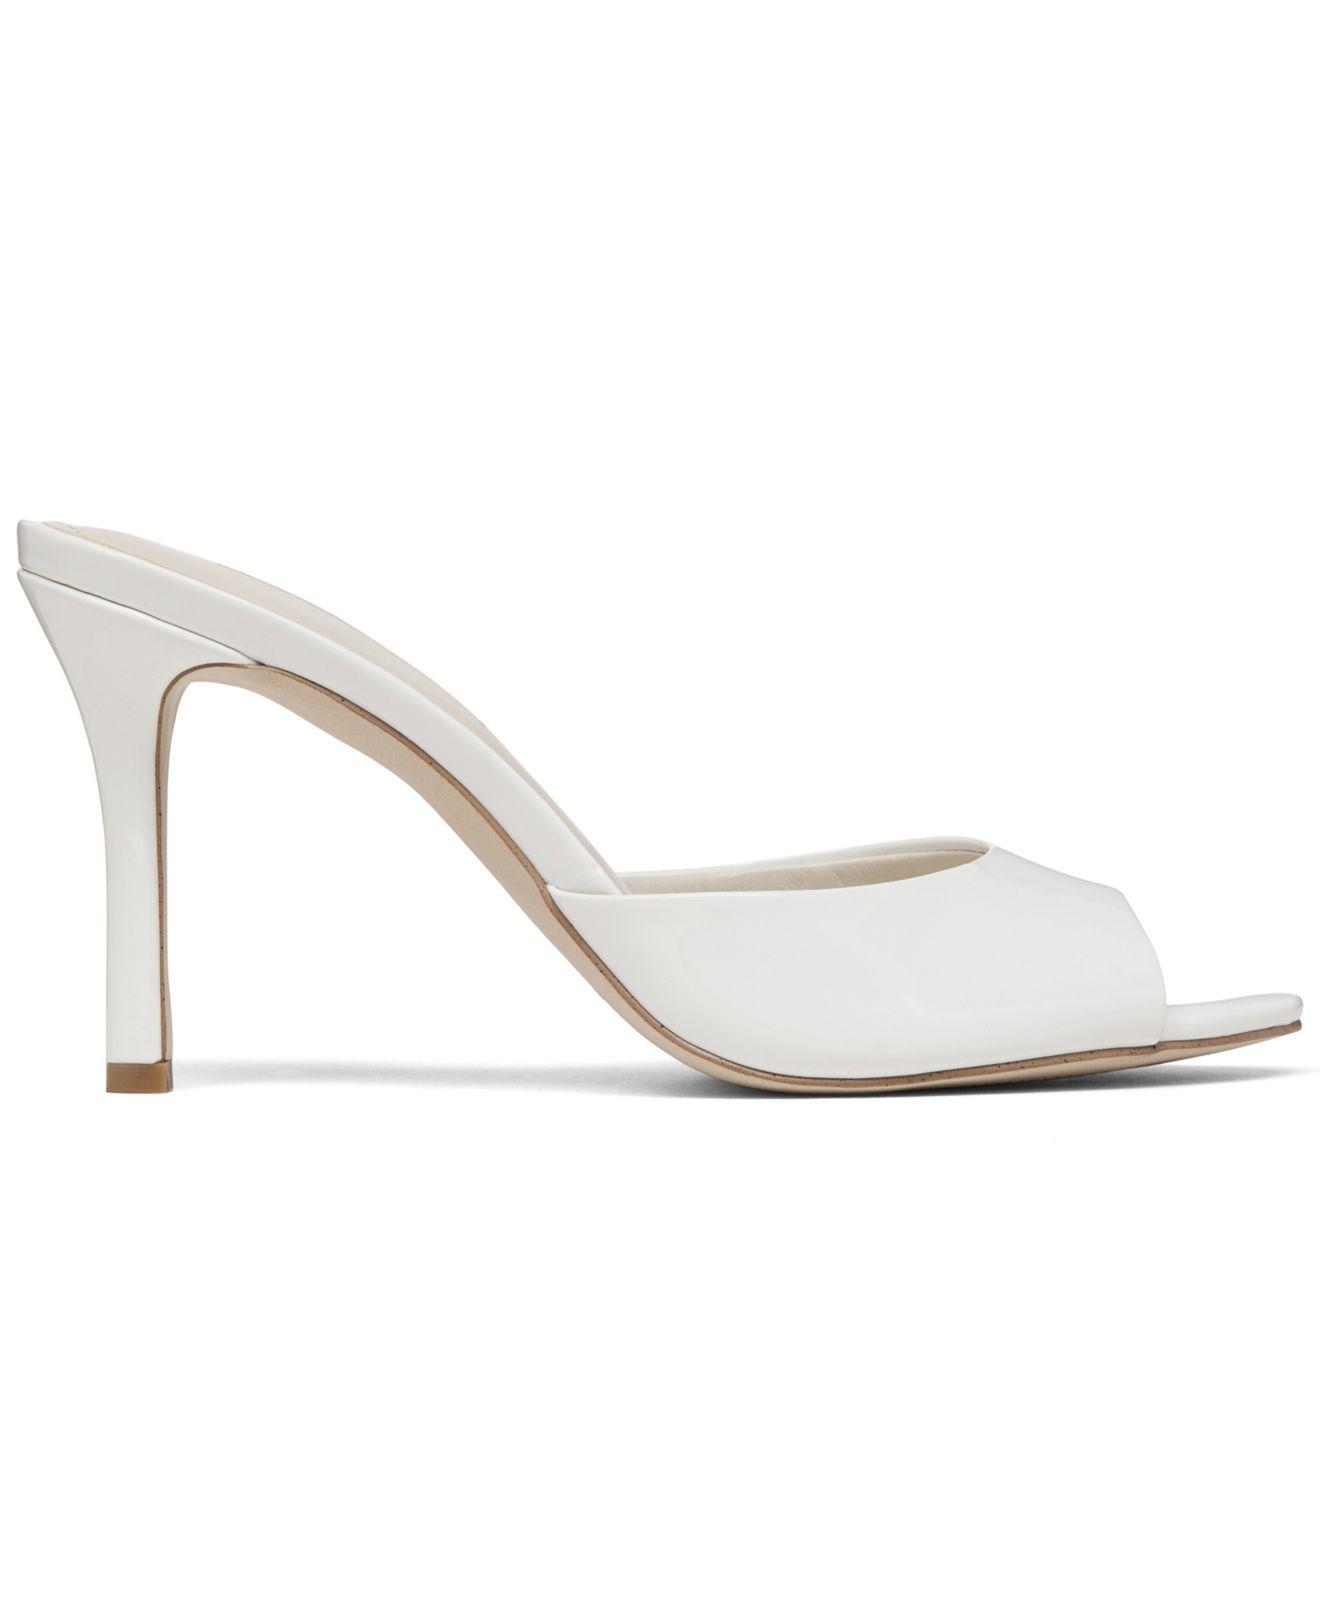 50dd459e143 BCBGeneration White Disco Slide Dress Sandals